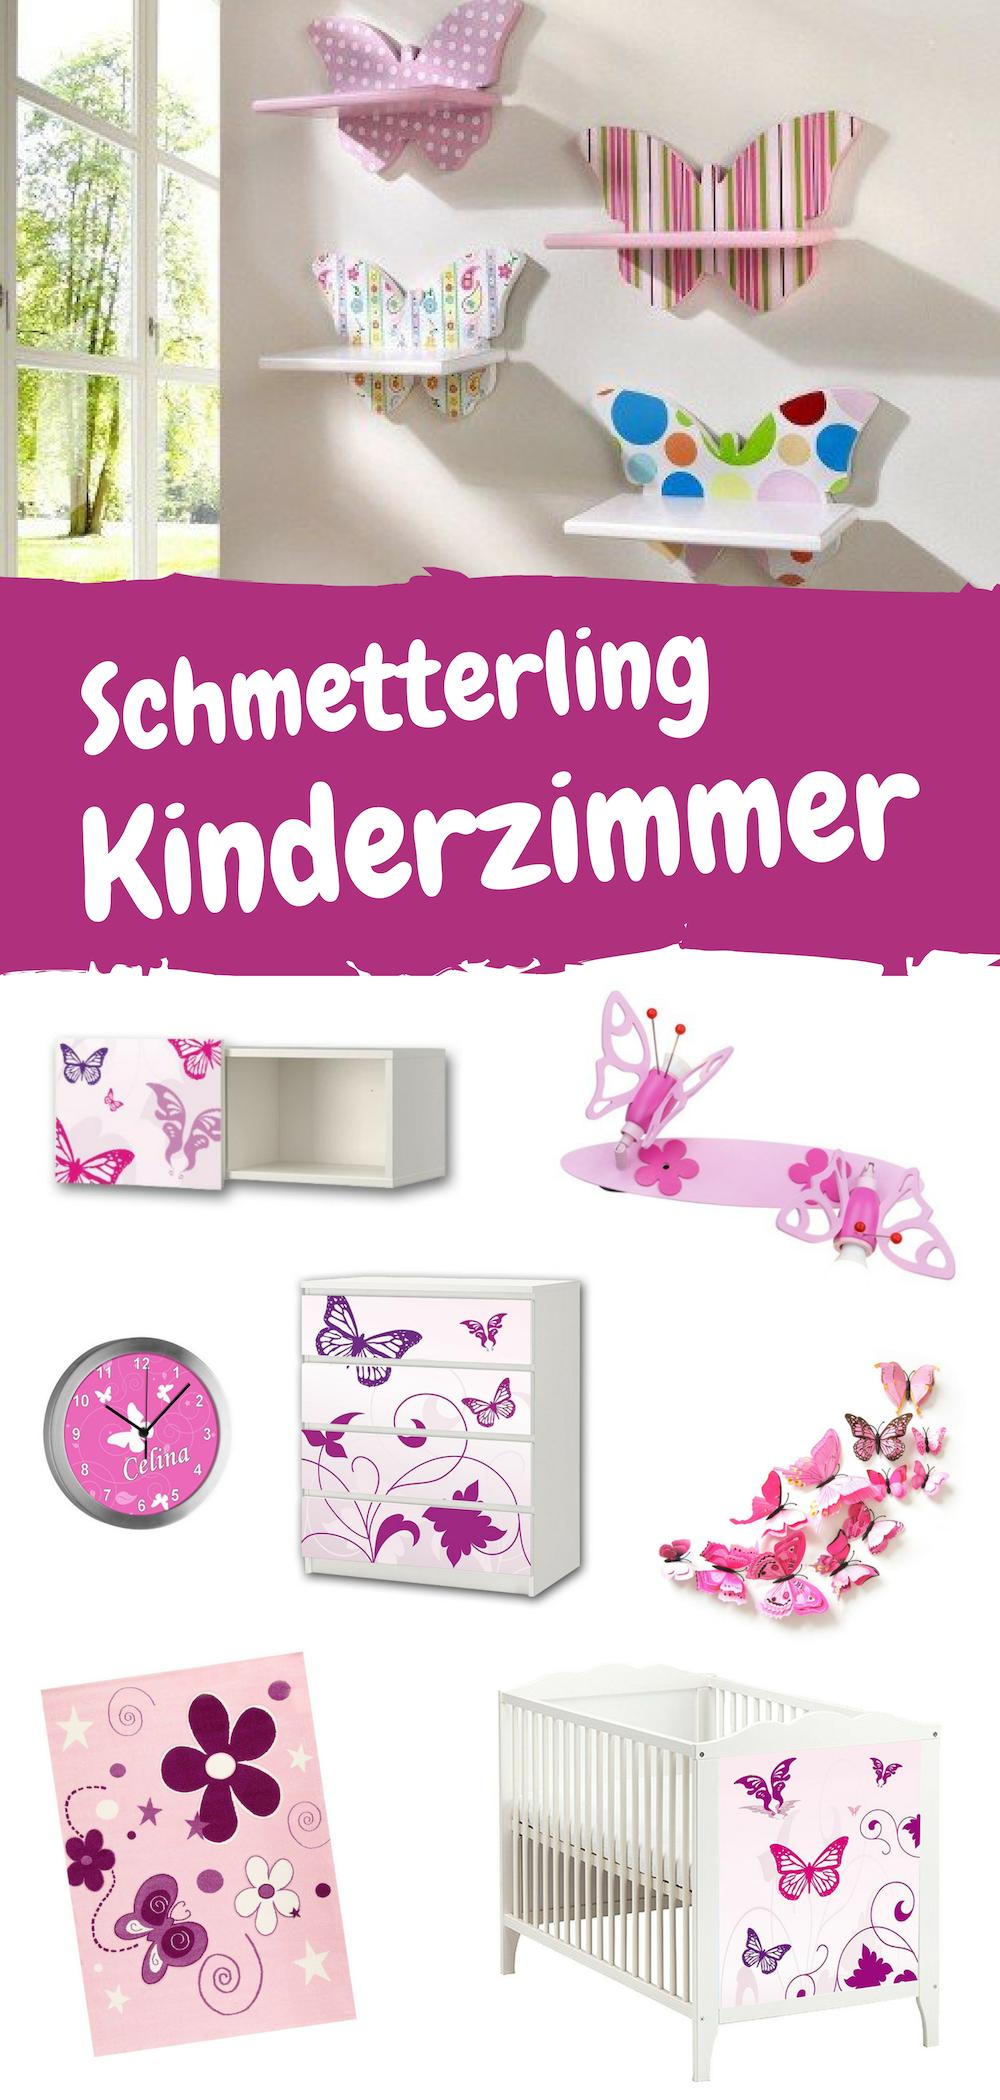 Susse Schmetterling Dekoration Fur Das Kinderzimmer Vom Schmetterling Teppich Uber Die Schmetterling Wandgestaltung Mit Schm Kinder Zimmer Kinderzimmer Kinder